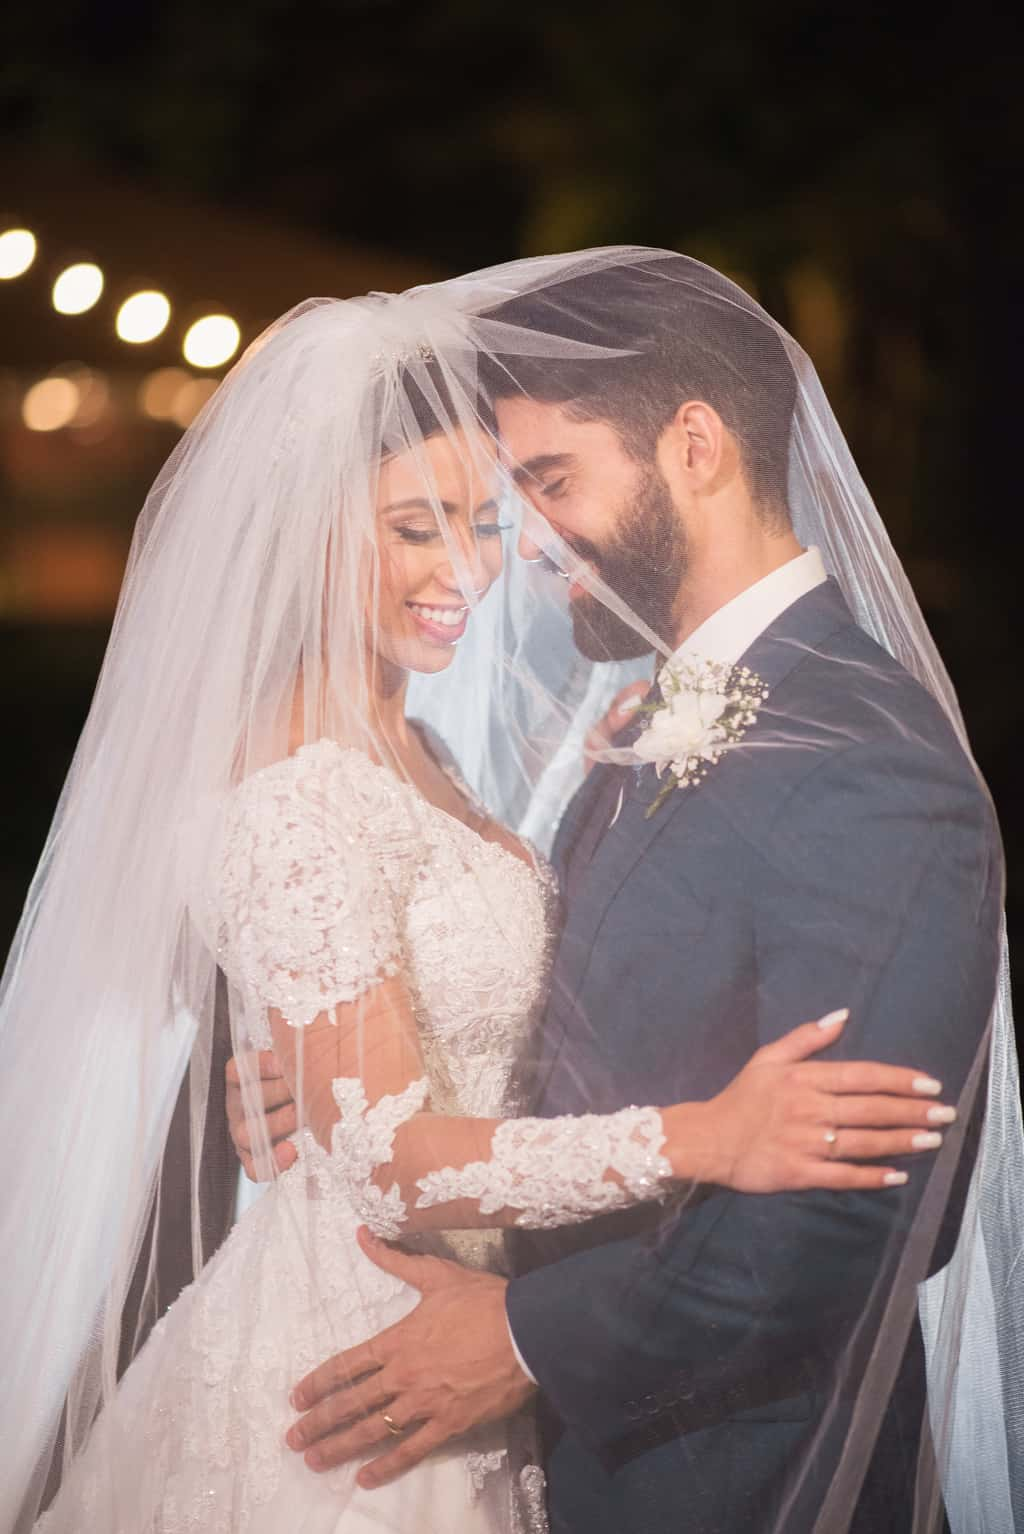 casamento-clássicocasamento-tradicional-casamento-stephanie-e-daniel-Fotografia-V-Rebel-90